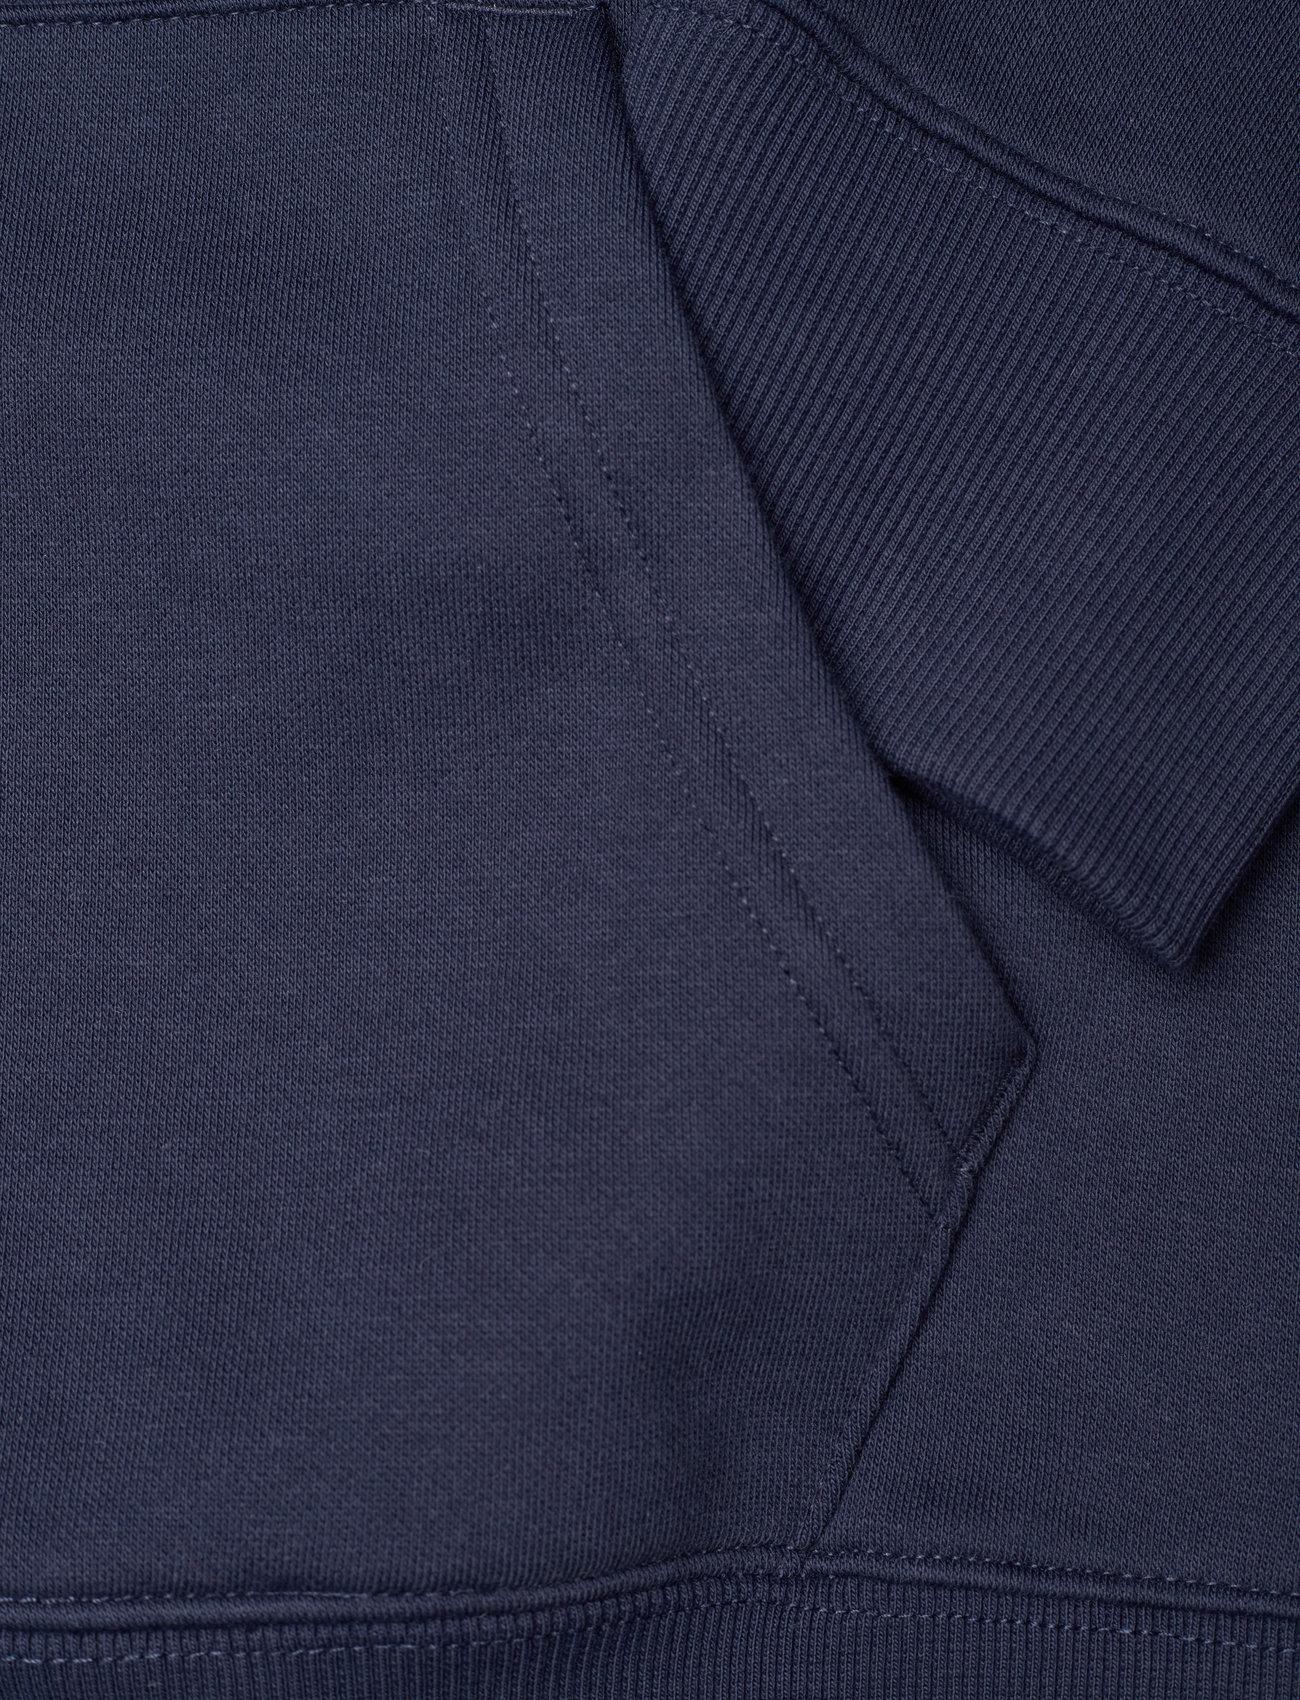 Tommy Jeans - TJM REGULAR FLEECE ZIP HOODIE - hoodies - twilight navy - 3